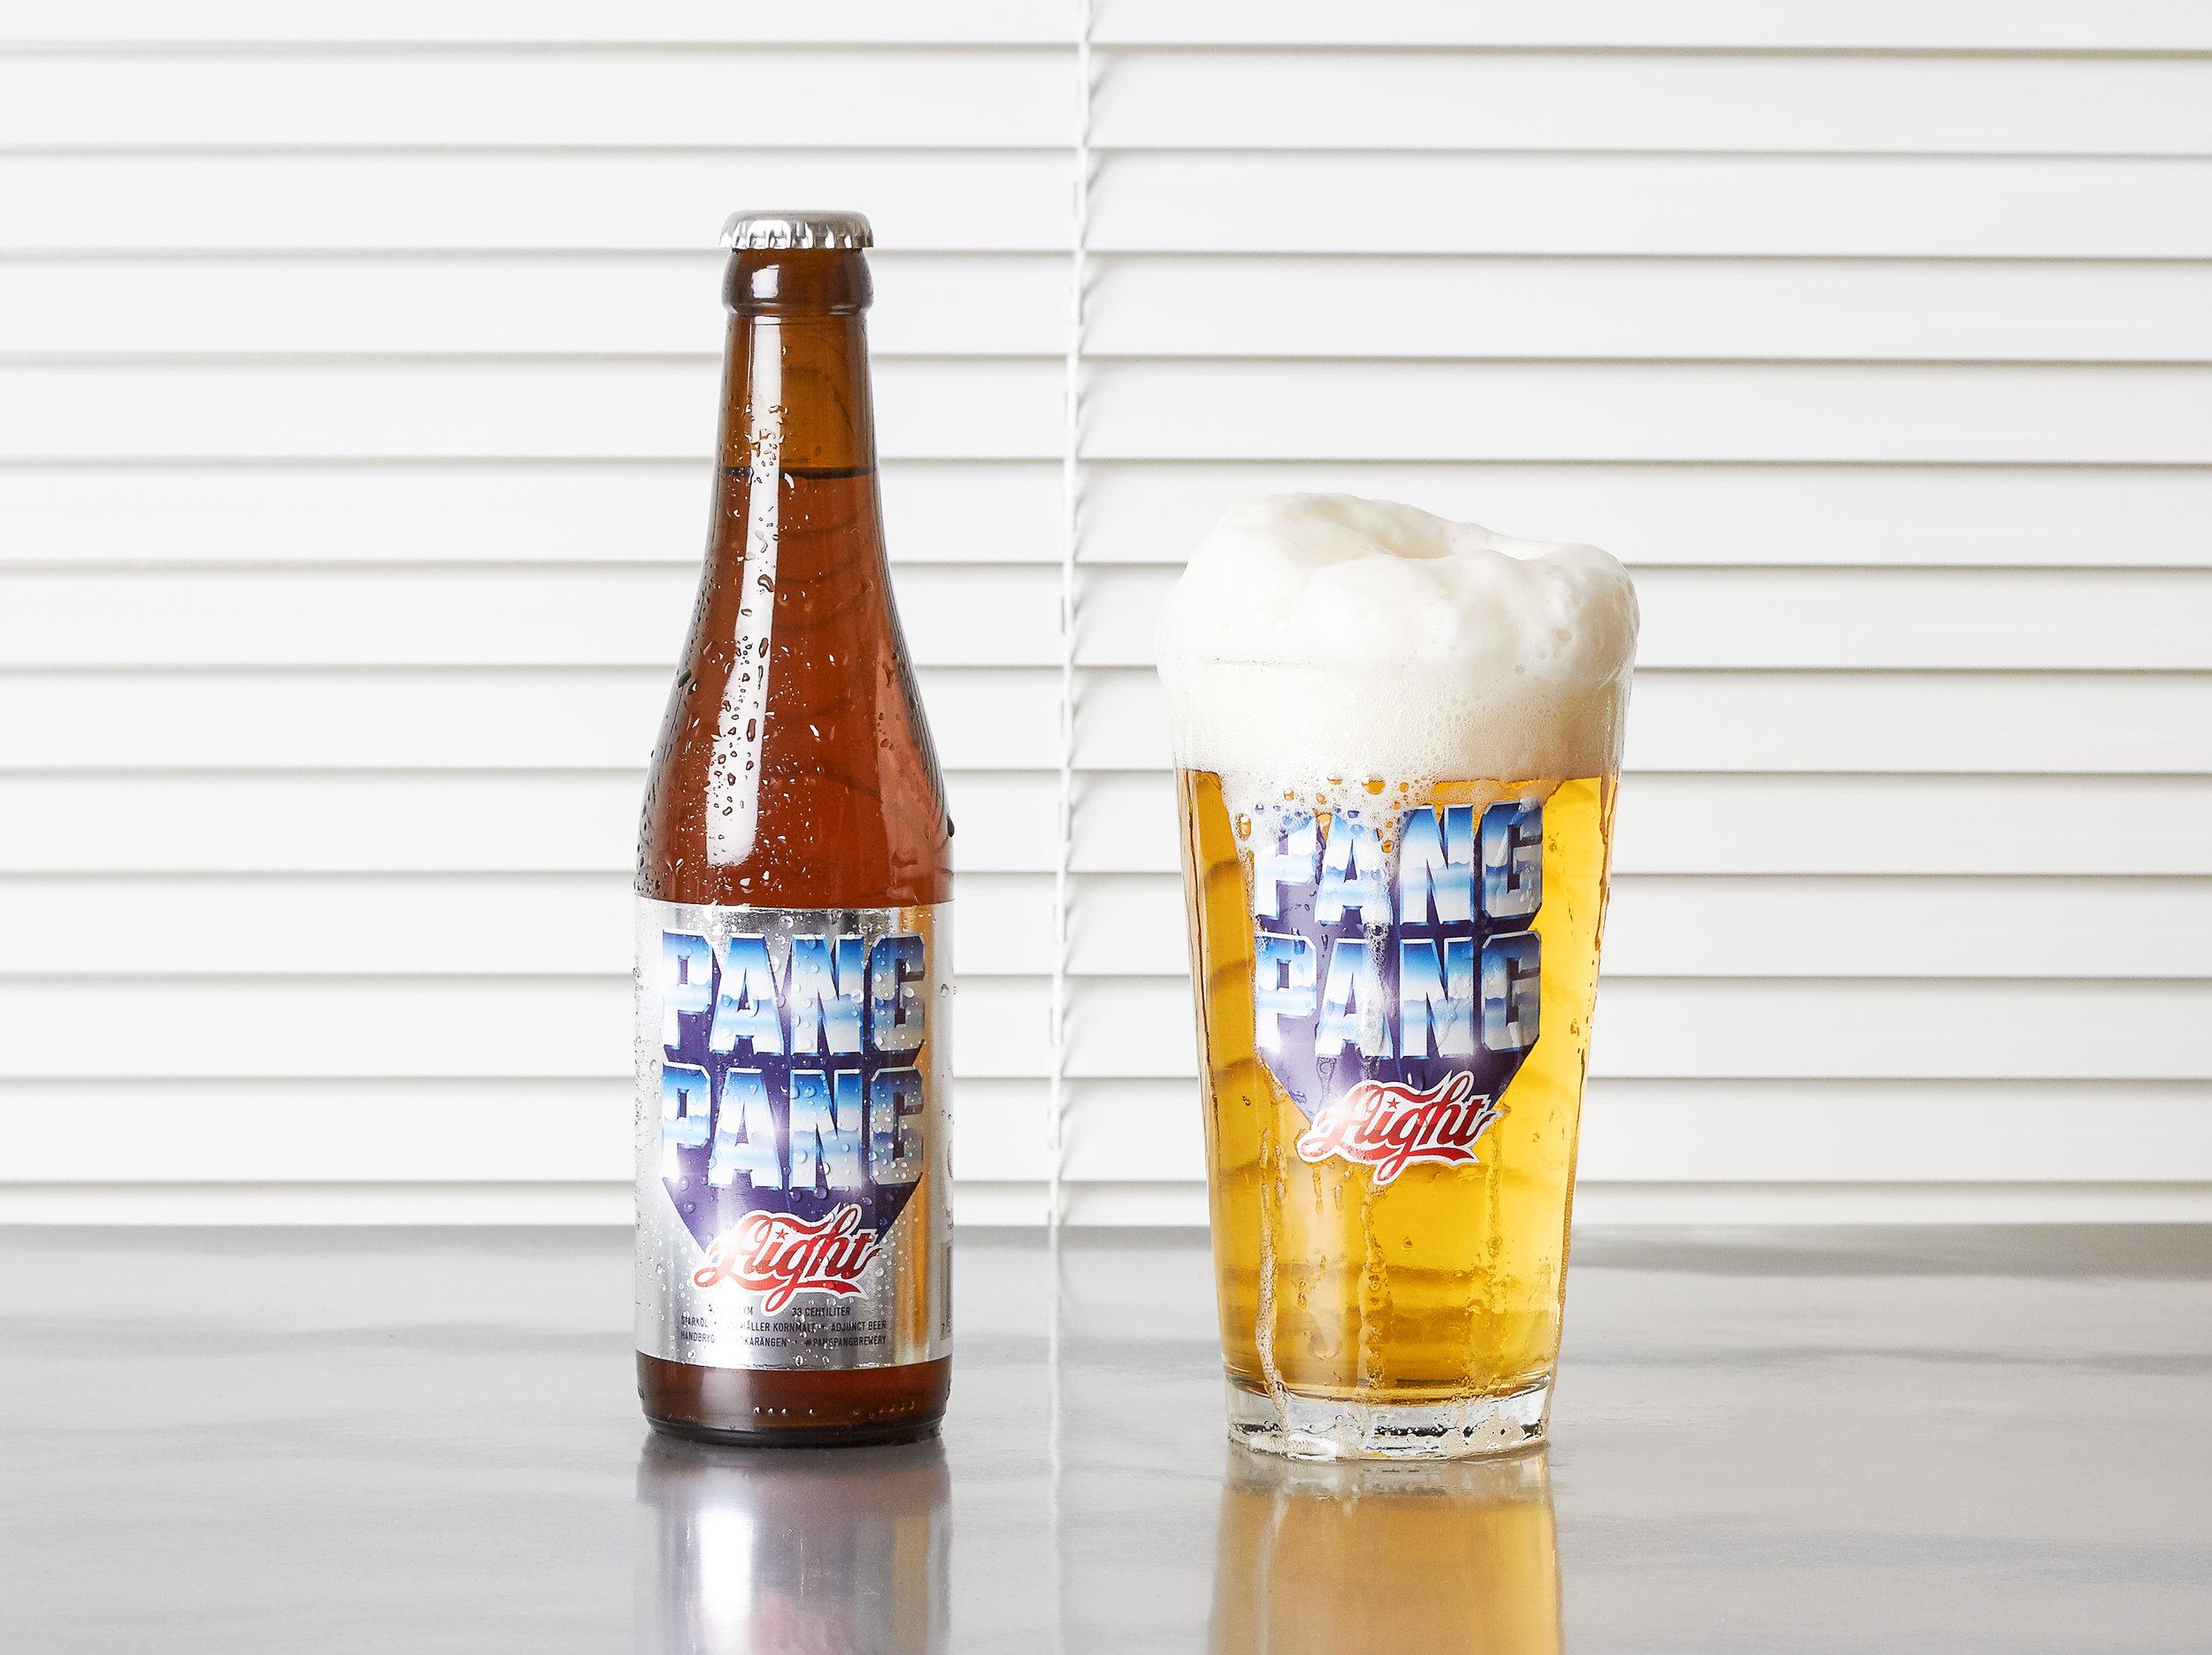 pp-aight_bottle+beerglas2.jpg